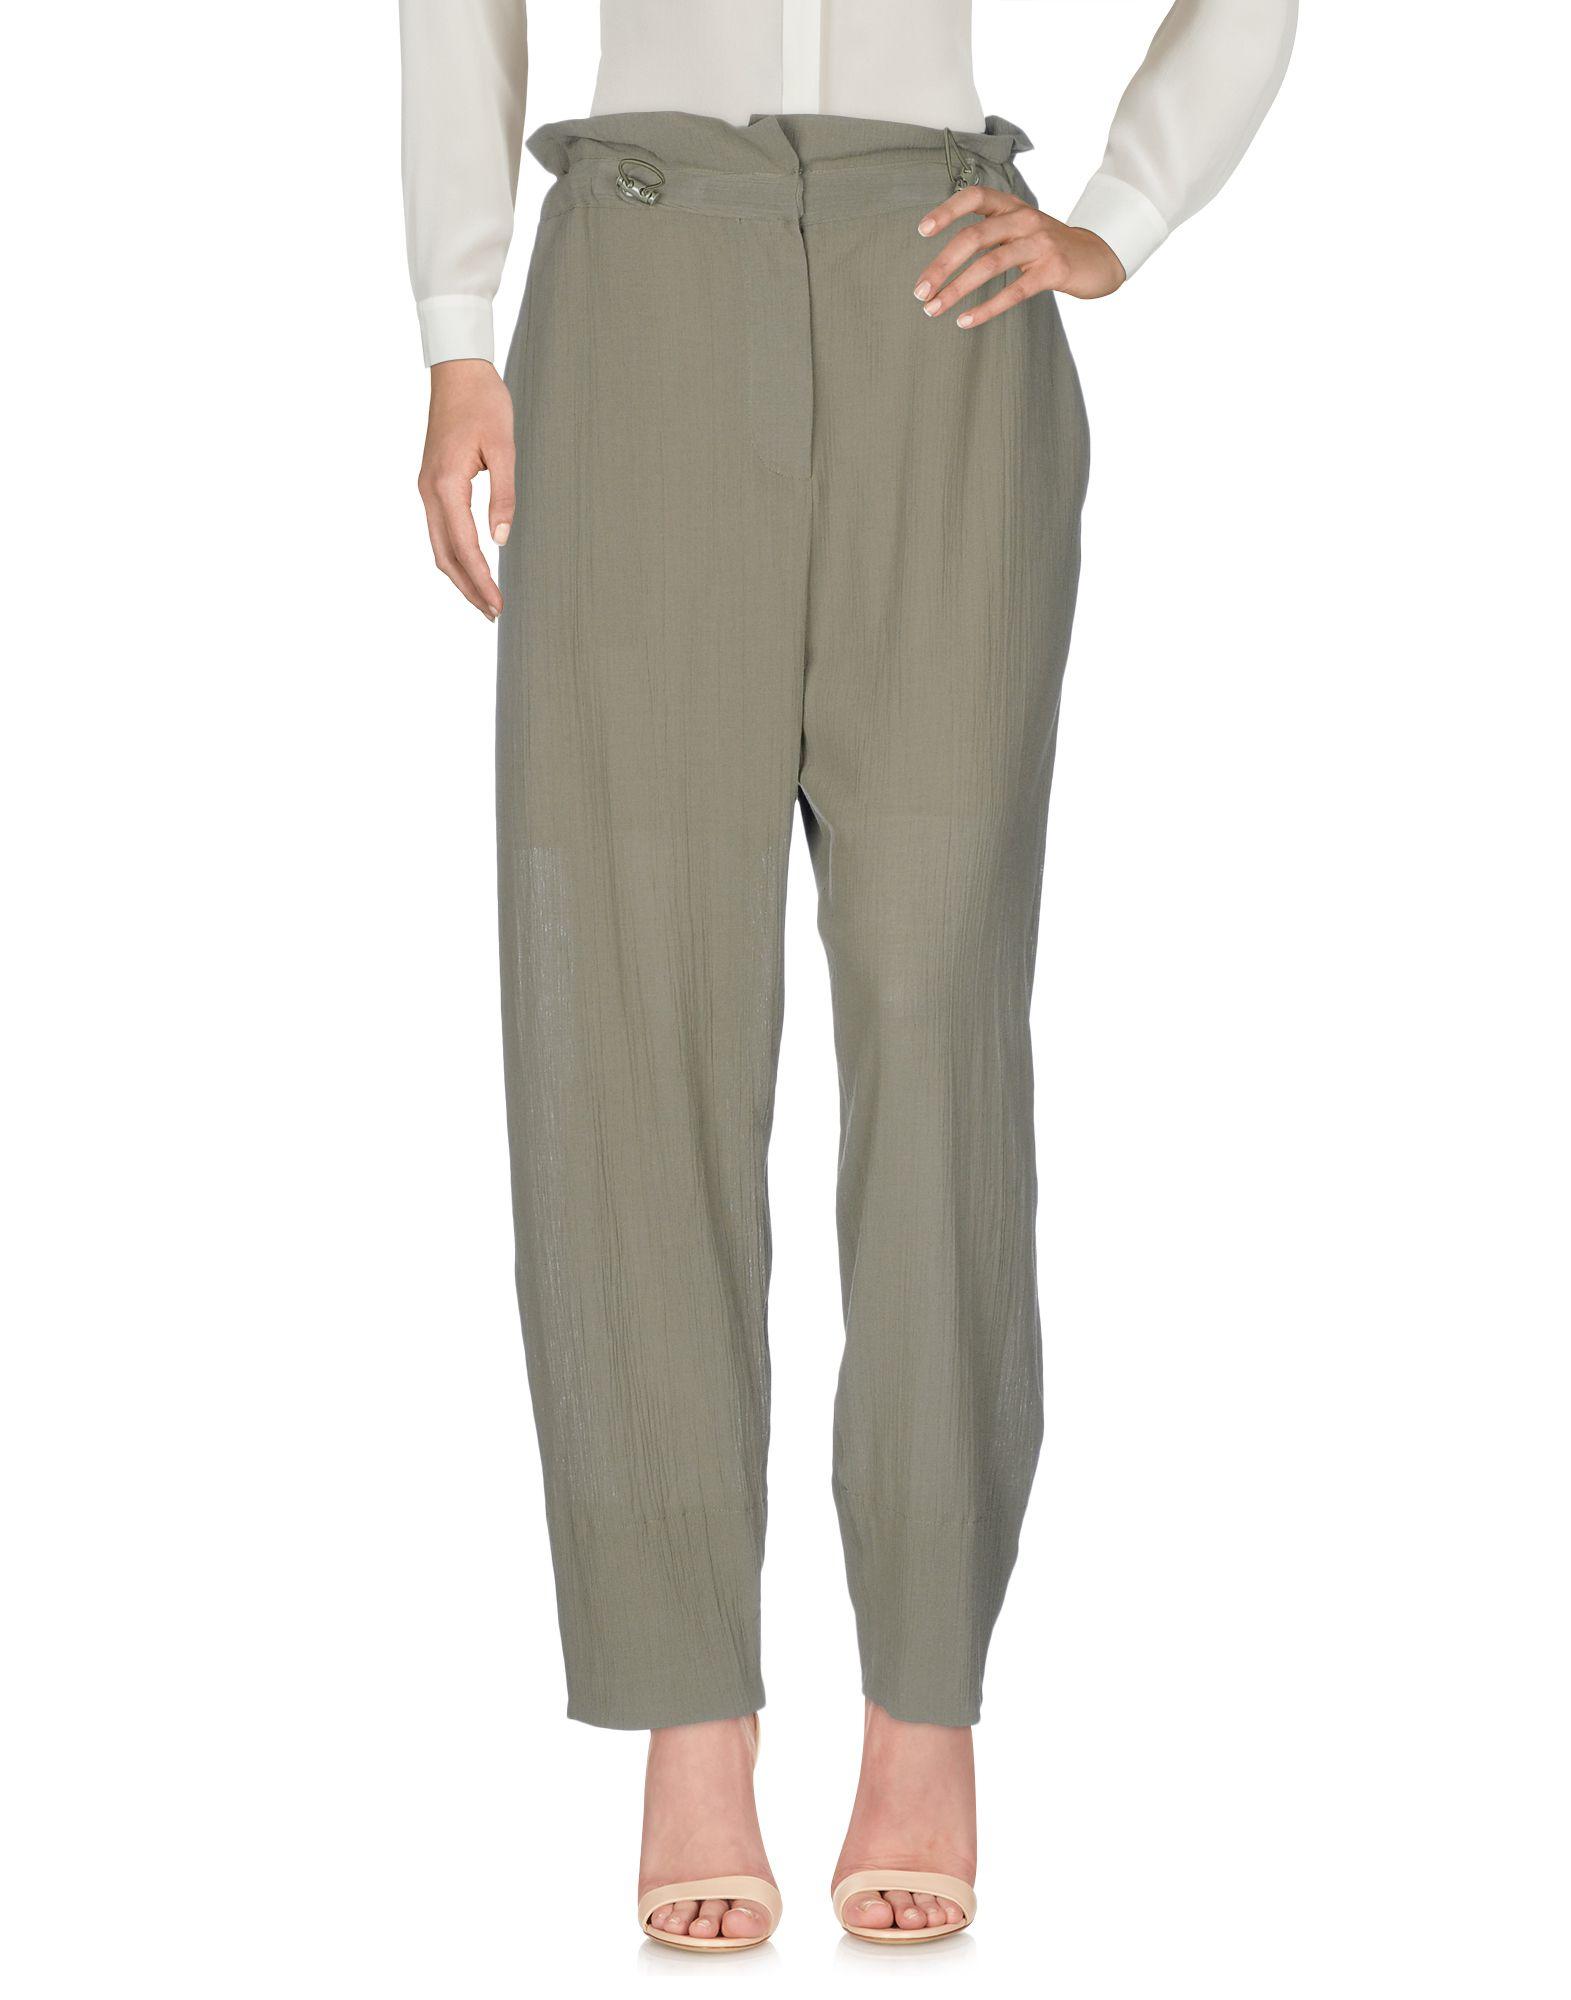 Pantalone Stella Stella Mccartney donna - 13109856UQ  bis zu 80% sparen